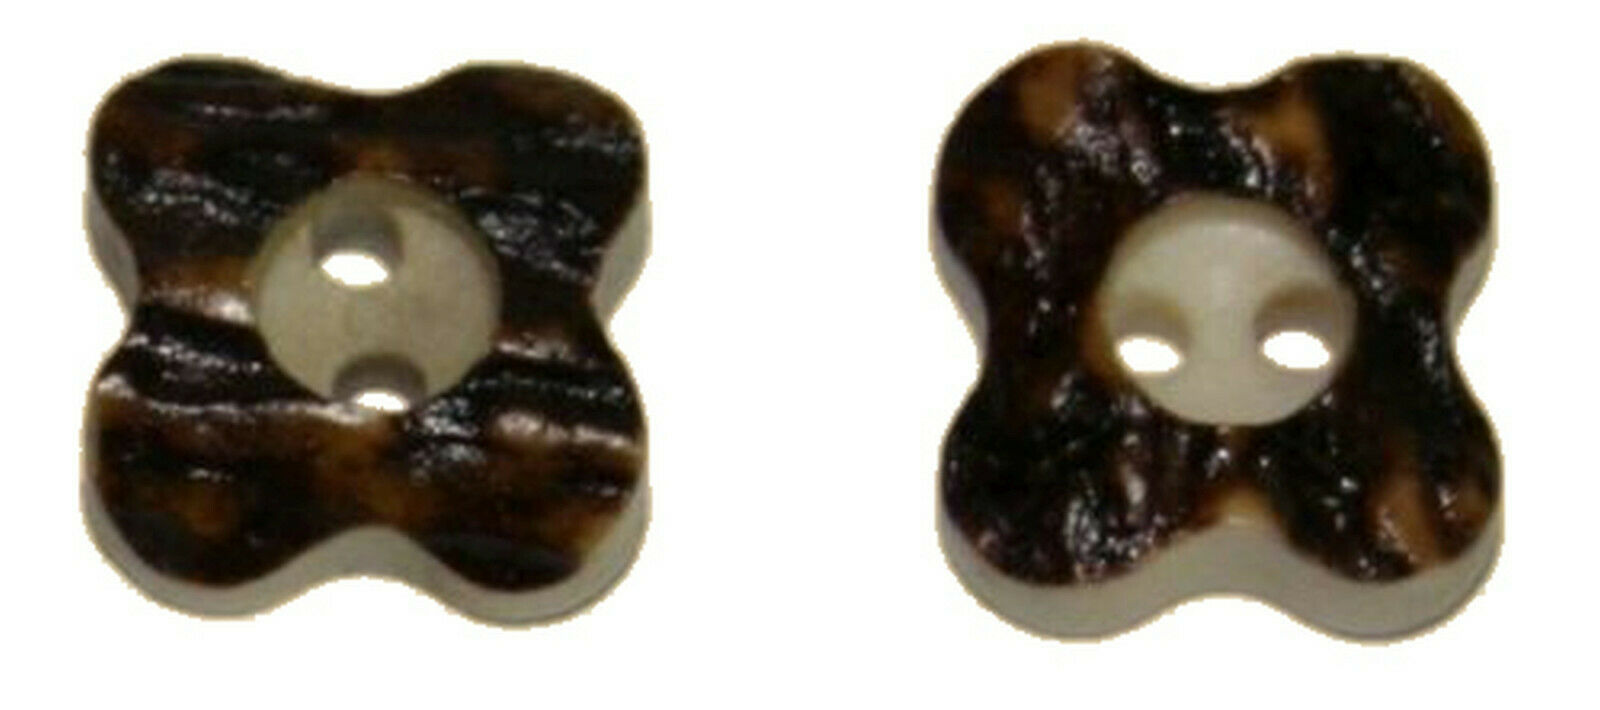 echte Hirschhornknöpfe Trachtenknöpfe NATUR PUR Knöpfe  Stegknopf für Lederhosen